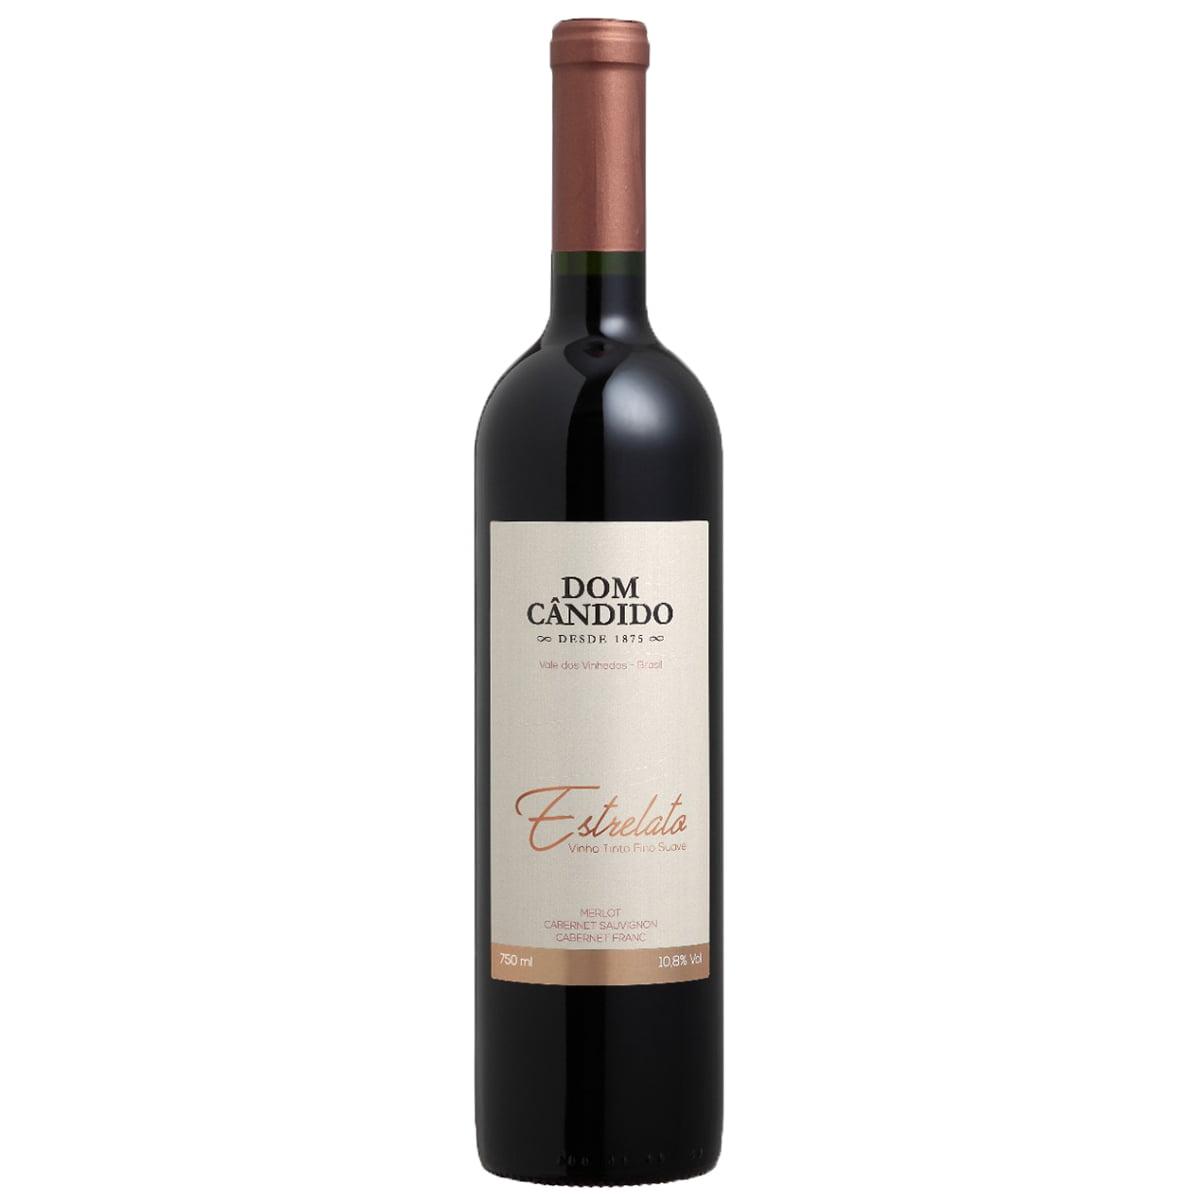 Vinho Dom Cândido Estrelato Tinto Suave 750ml